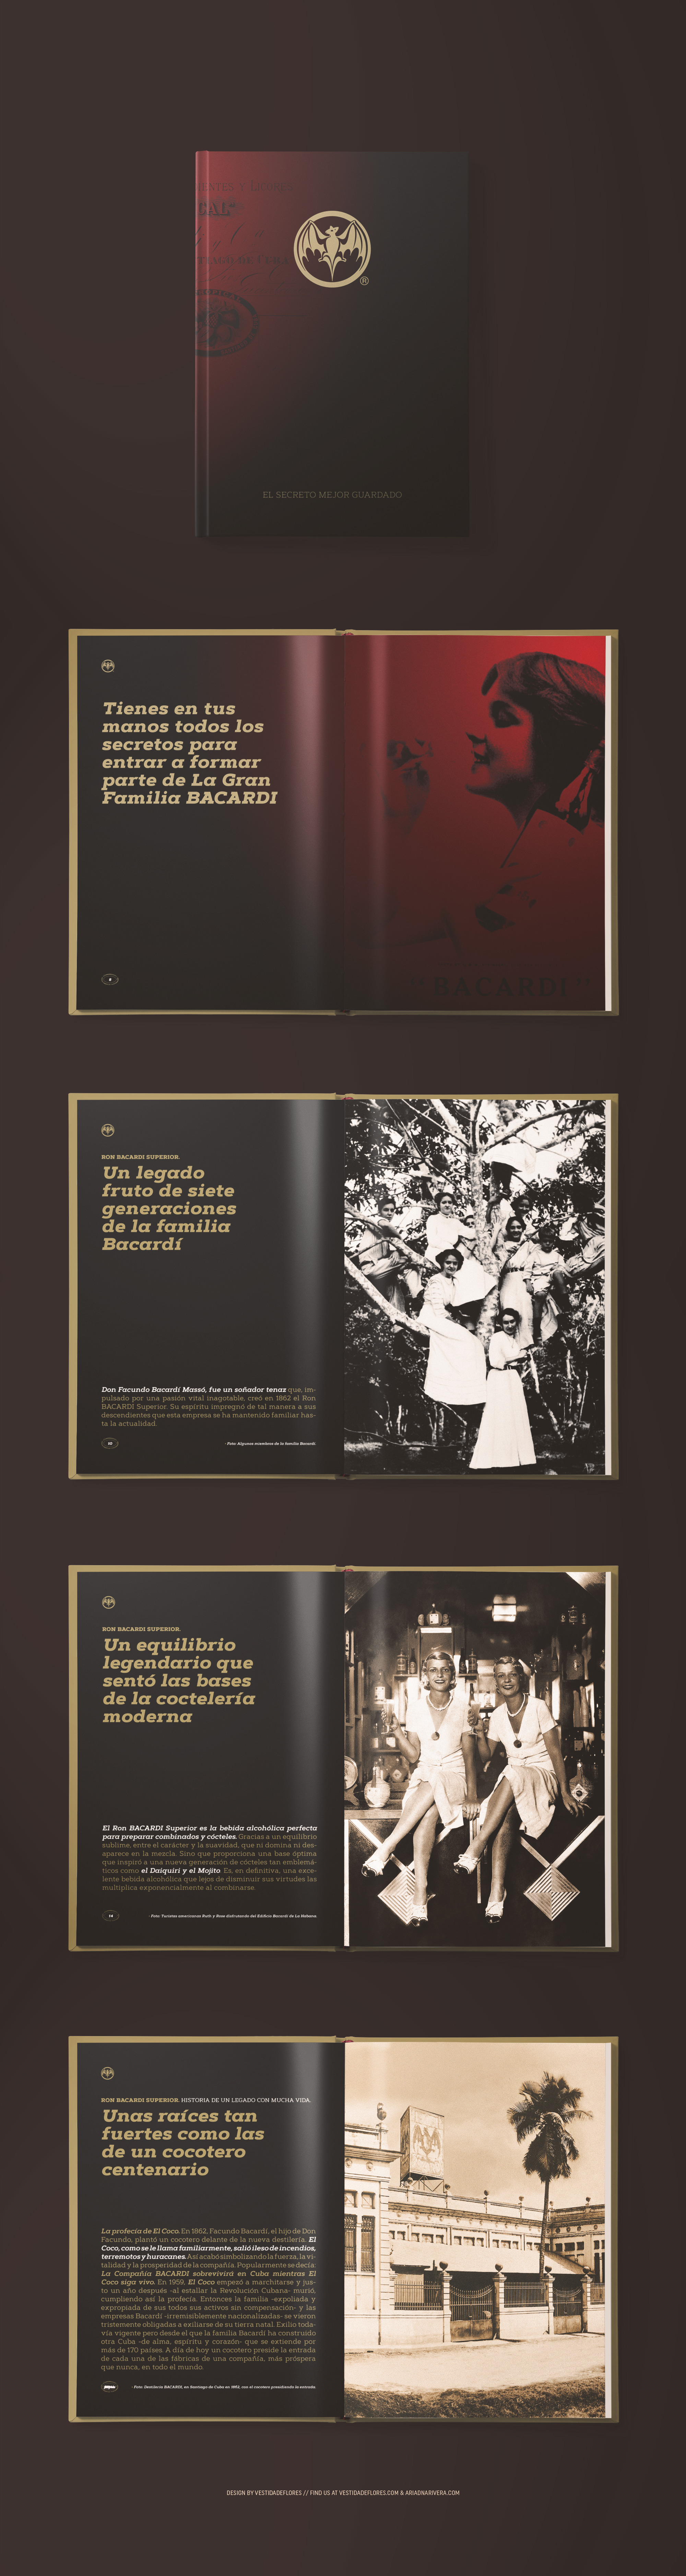 Vestida de flores - Diseño Editorial de lujo para Bacardí